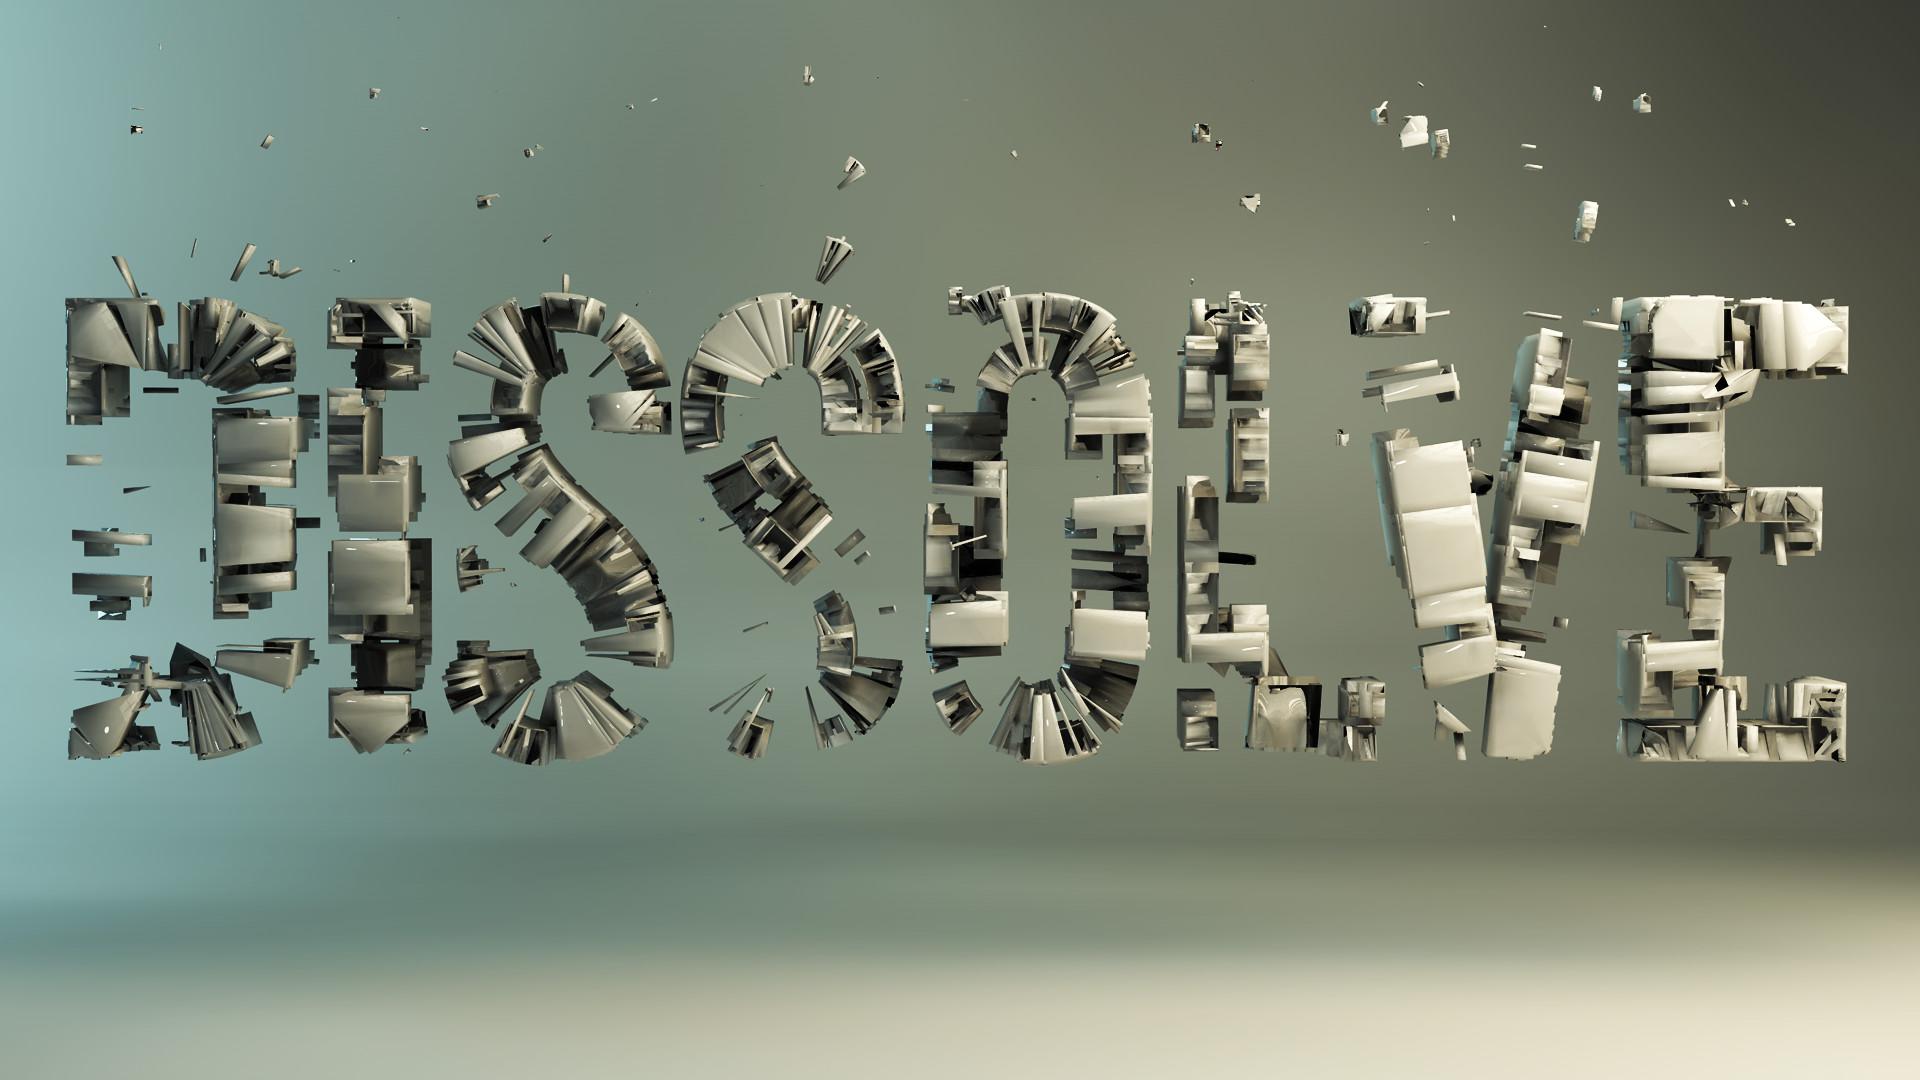 dissolve_by_emilwidlund-d5fk8jv